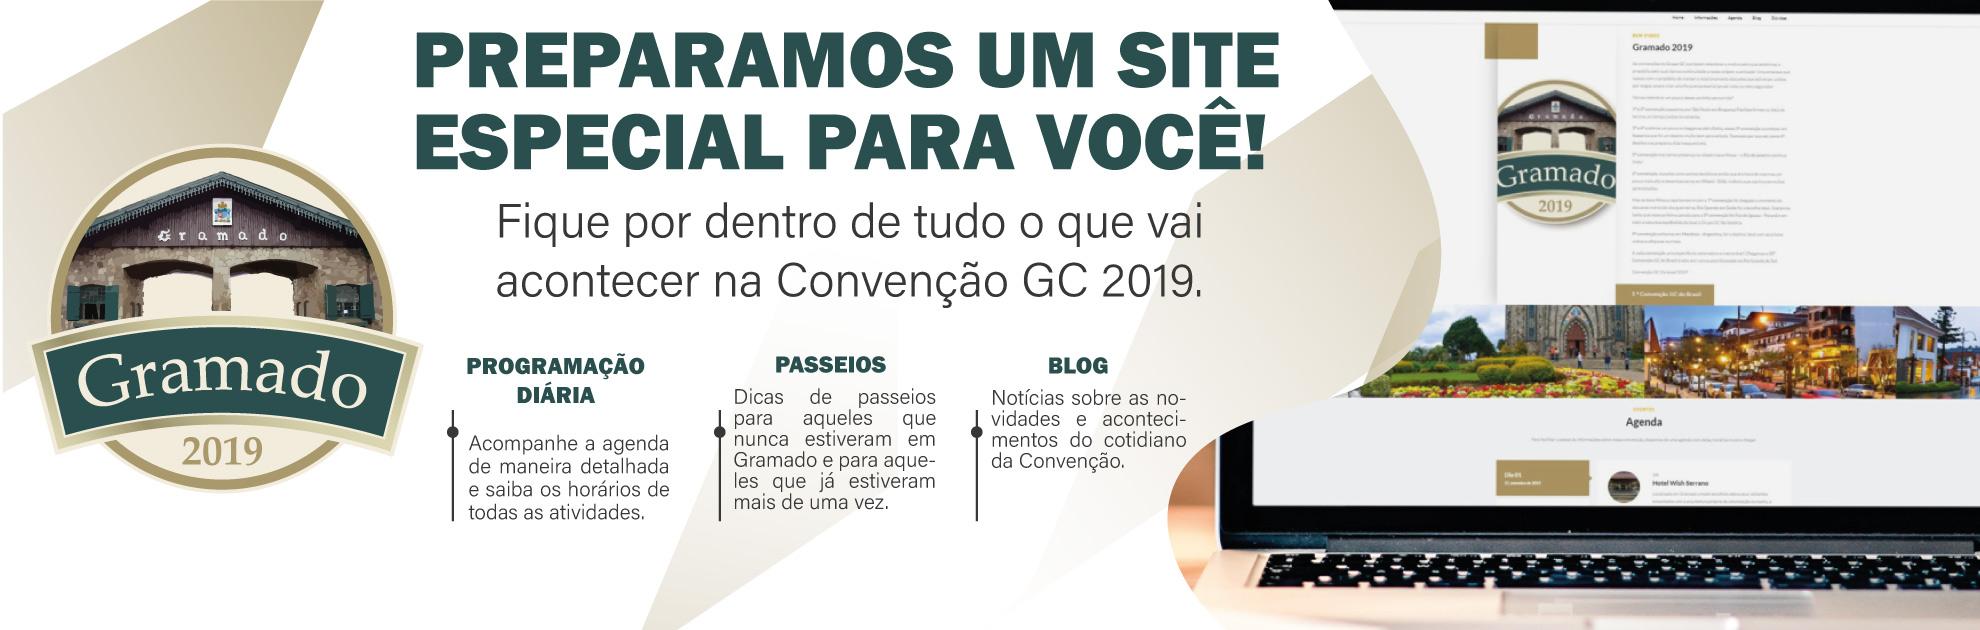 Convenção GC do Brasil 2019